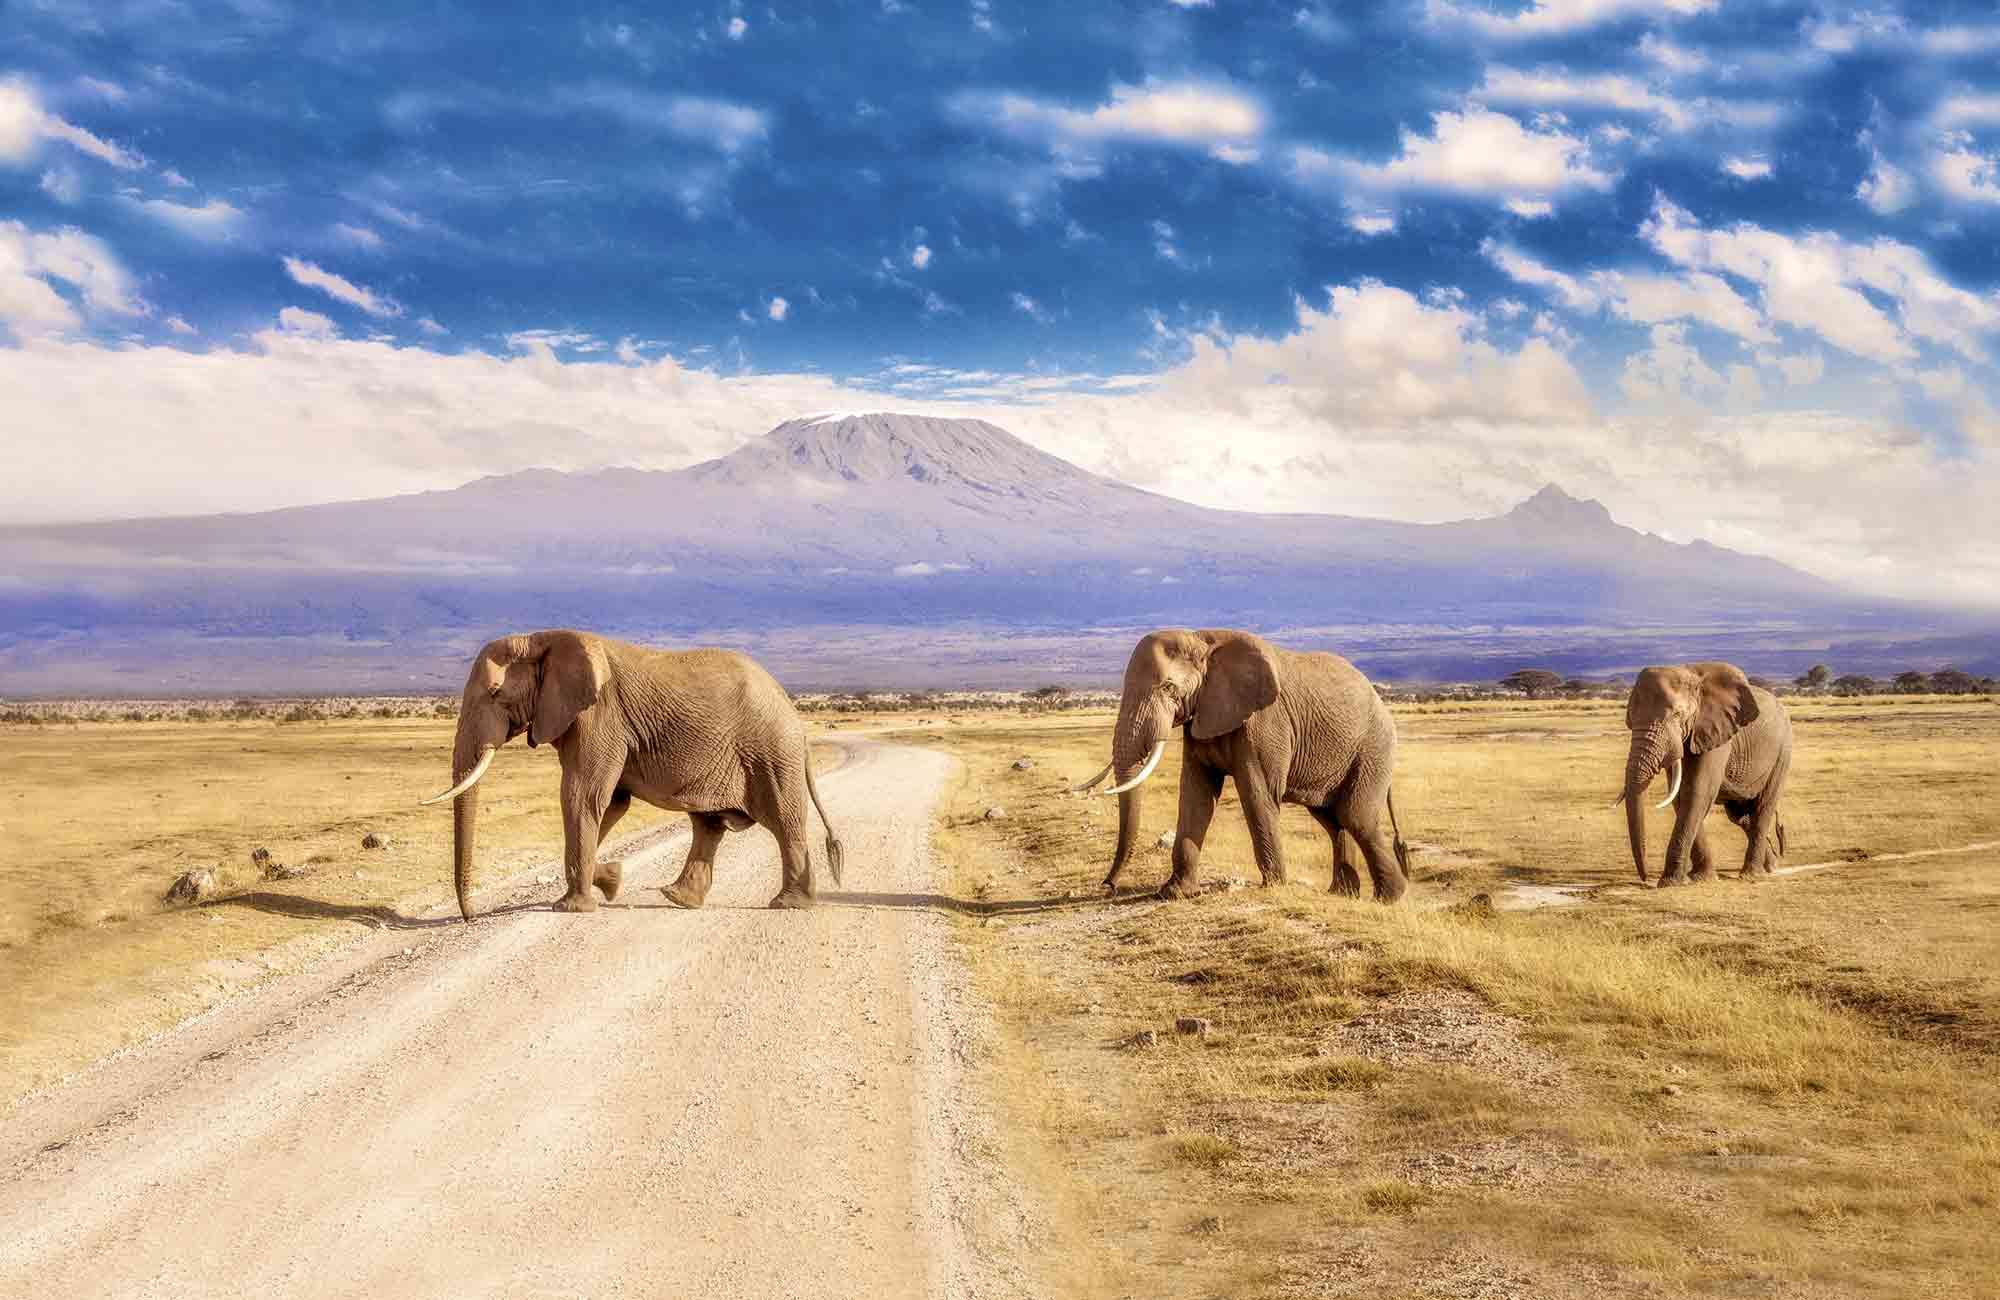 Voyage Kenya - Elephants - Amplitudes